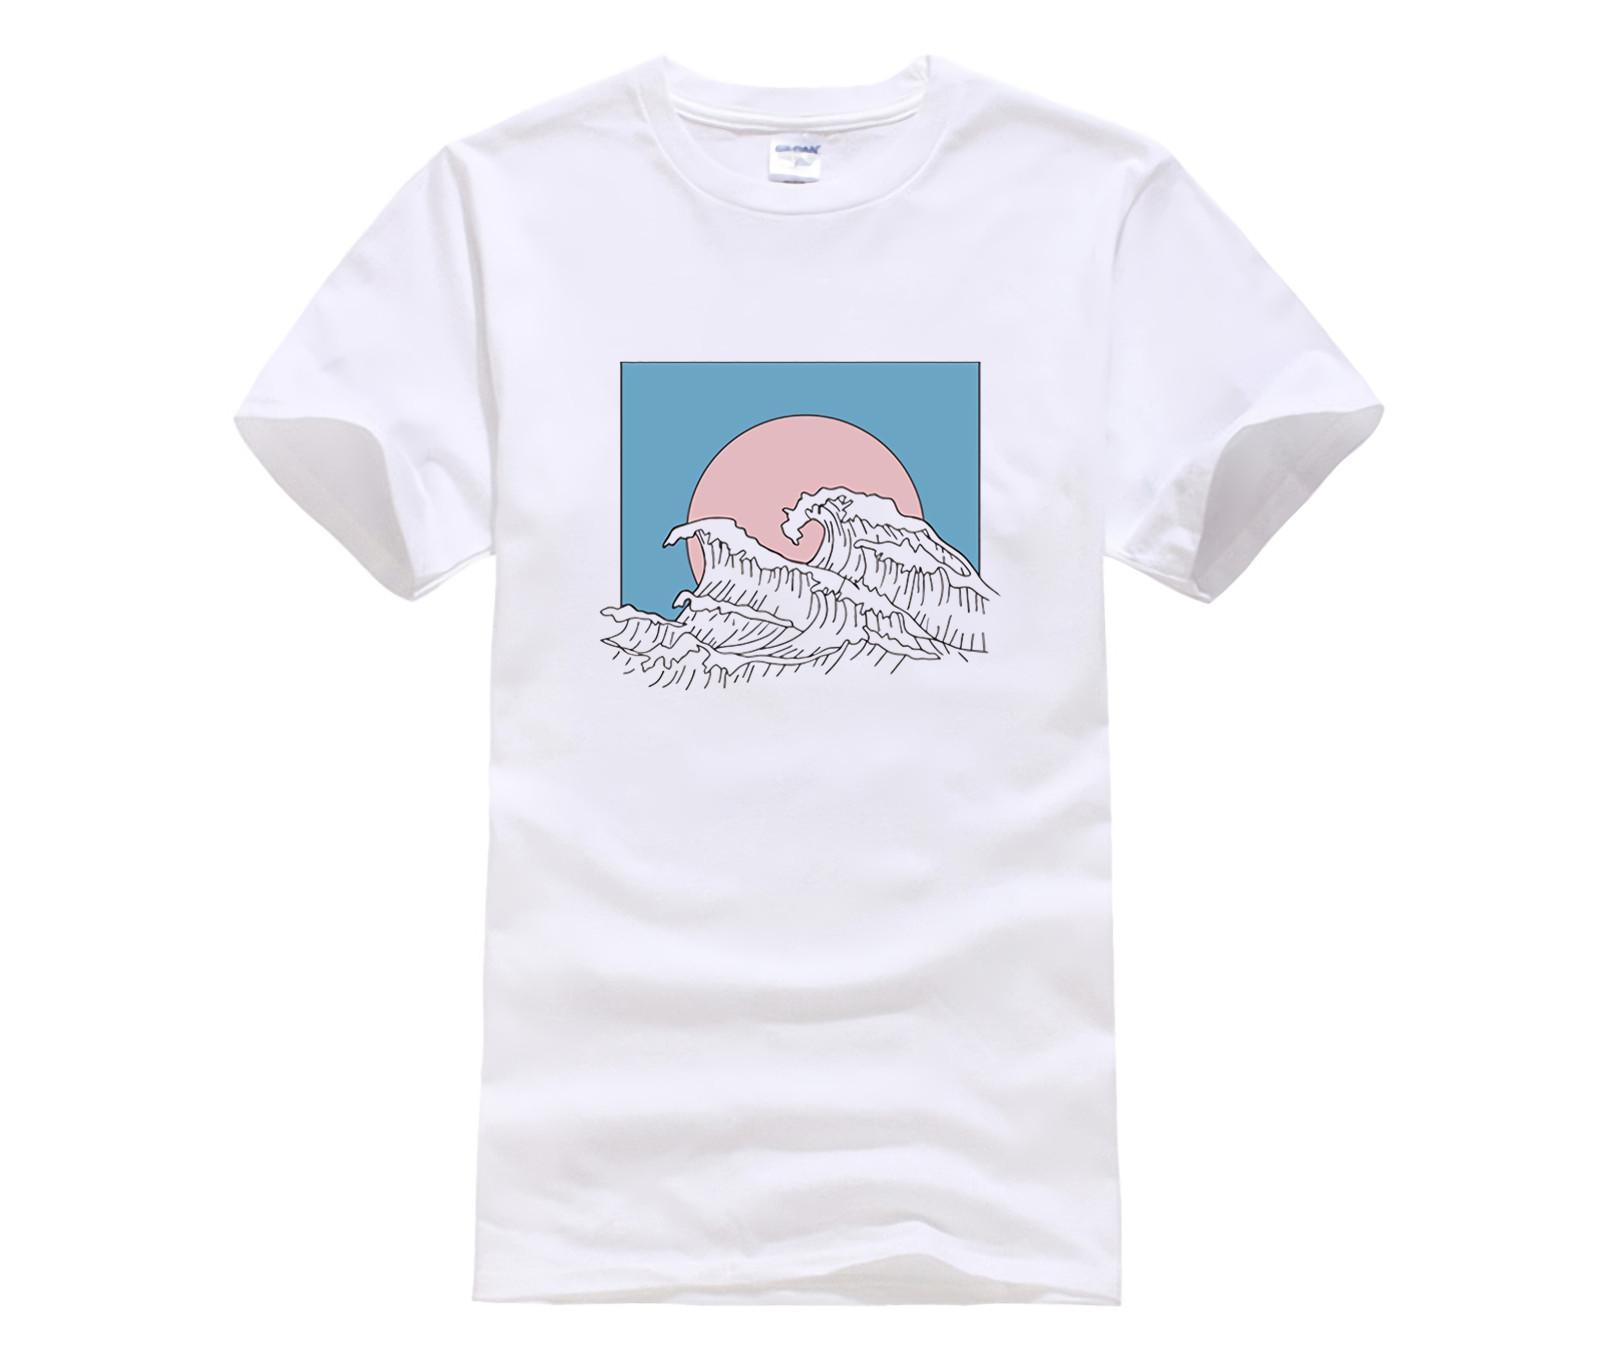 T-shirt girocollo fredda dell'uomo nuovo modo per gli uomini top a manica corta estate T grande onda bianca Tees